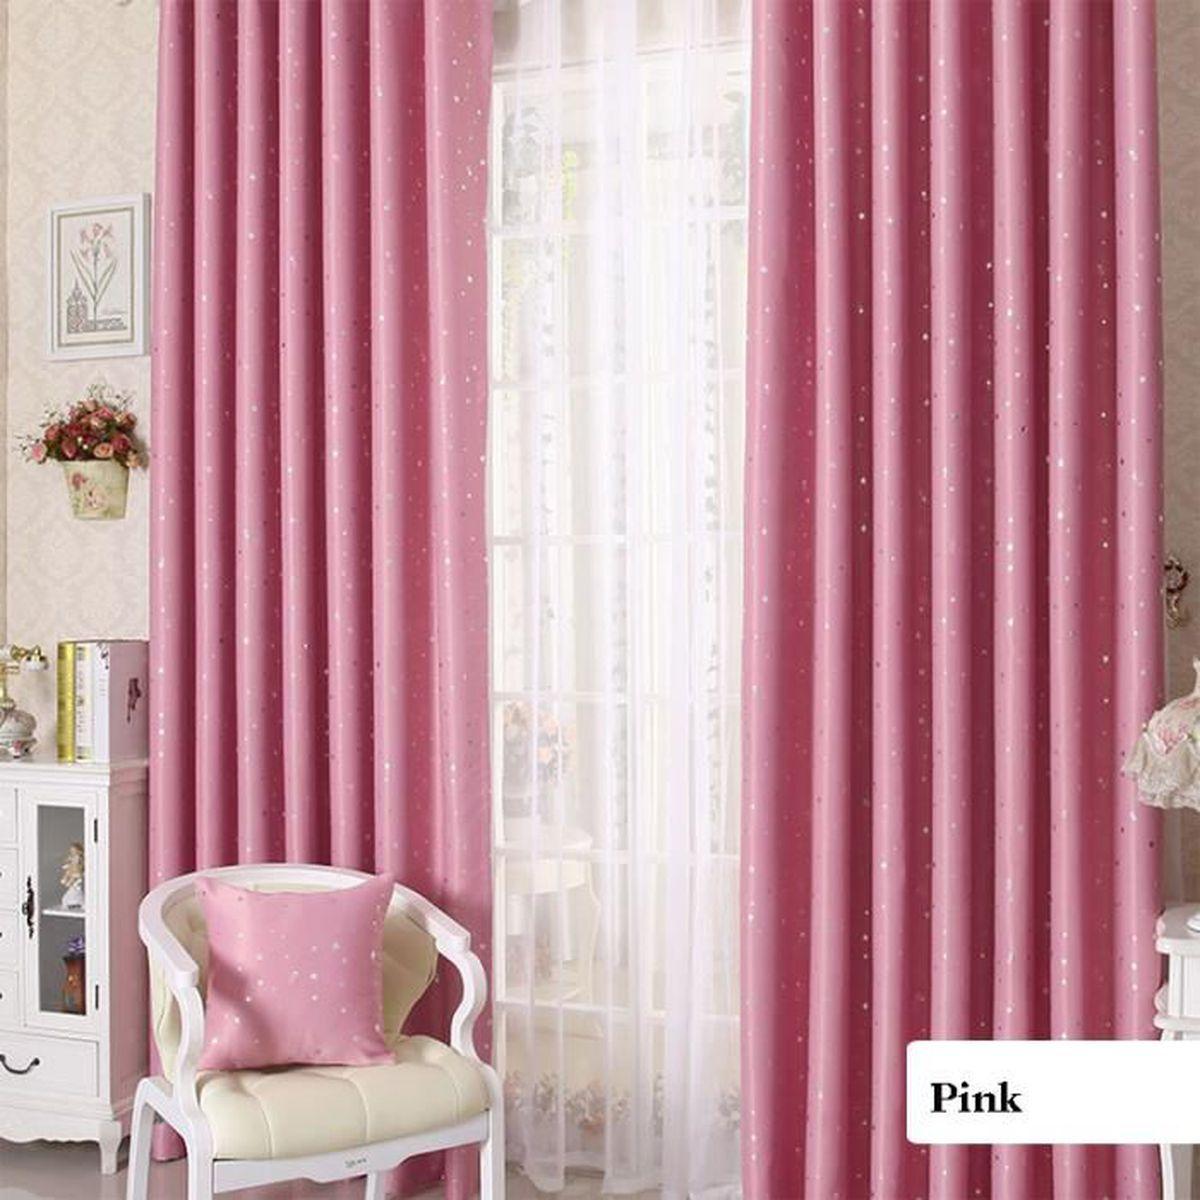 rideaux occultants toiles de dessin anim d coration enfant chambre 100 250cm rose. Black Bedroom Furniture Sets. Home Design Ideas